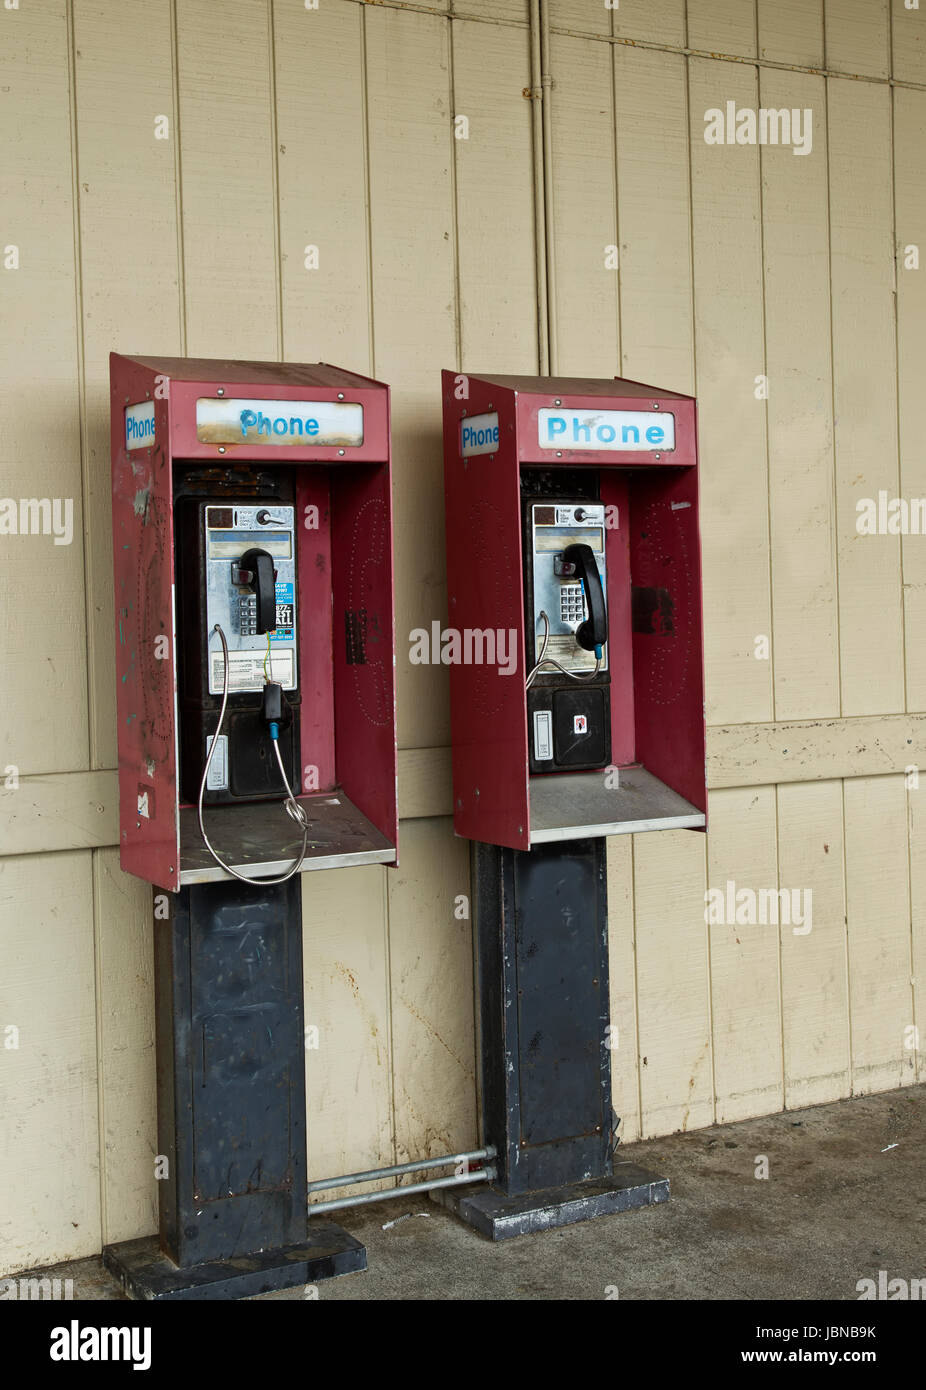 Postes téléphoniques payants publics abandonnés avec coin presse logement. Photo Stock